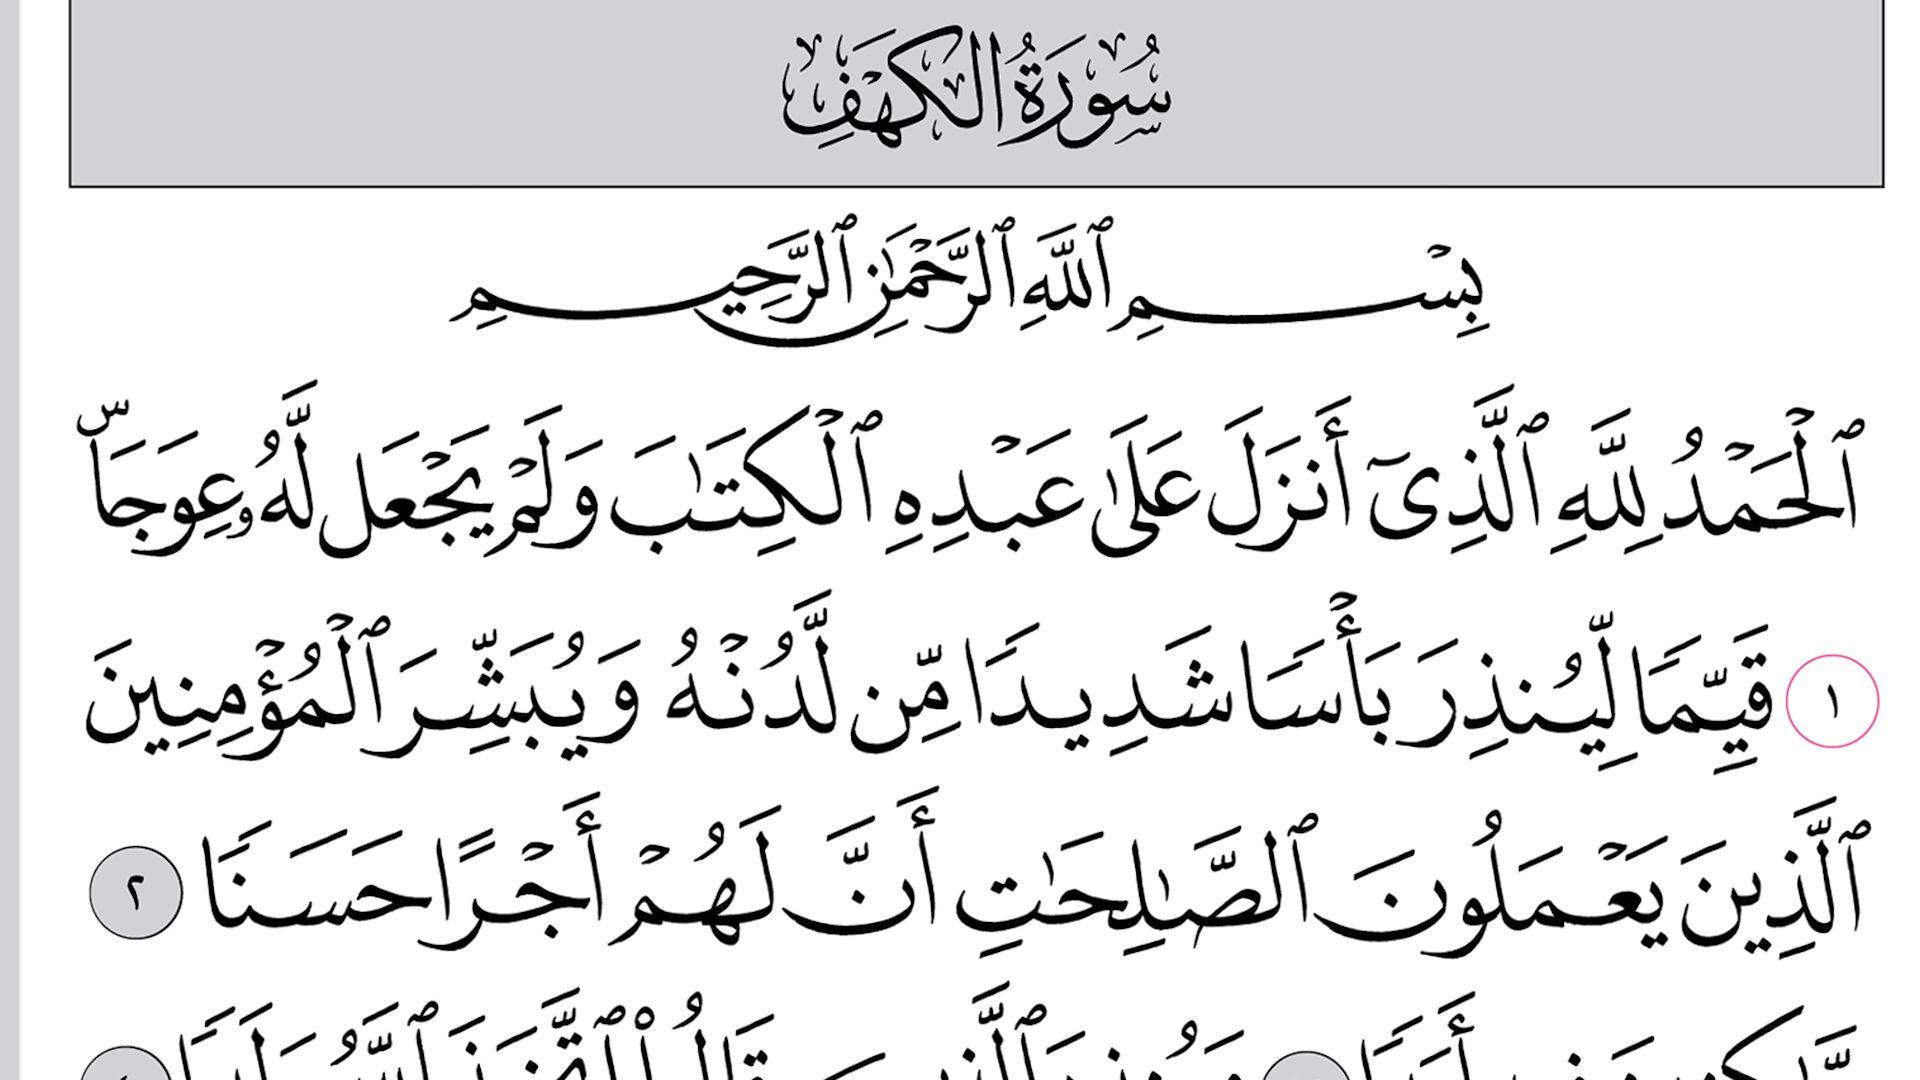 سورة الكهف كاملة Surah Kahf With Arabic Text Hd Arabic Text Surah Kahf Quran